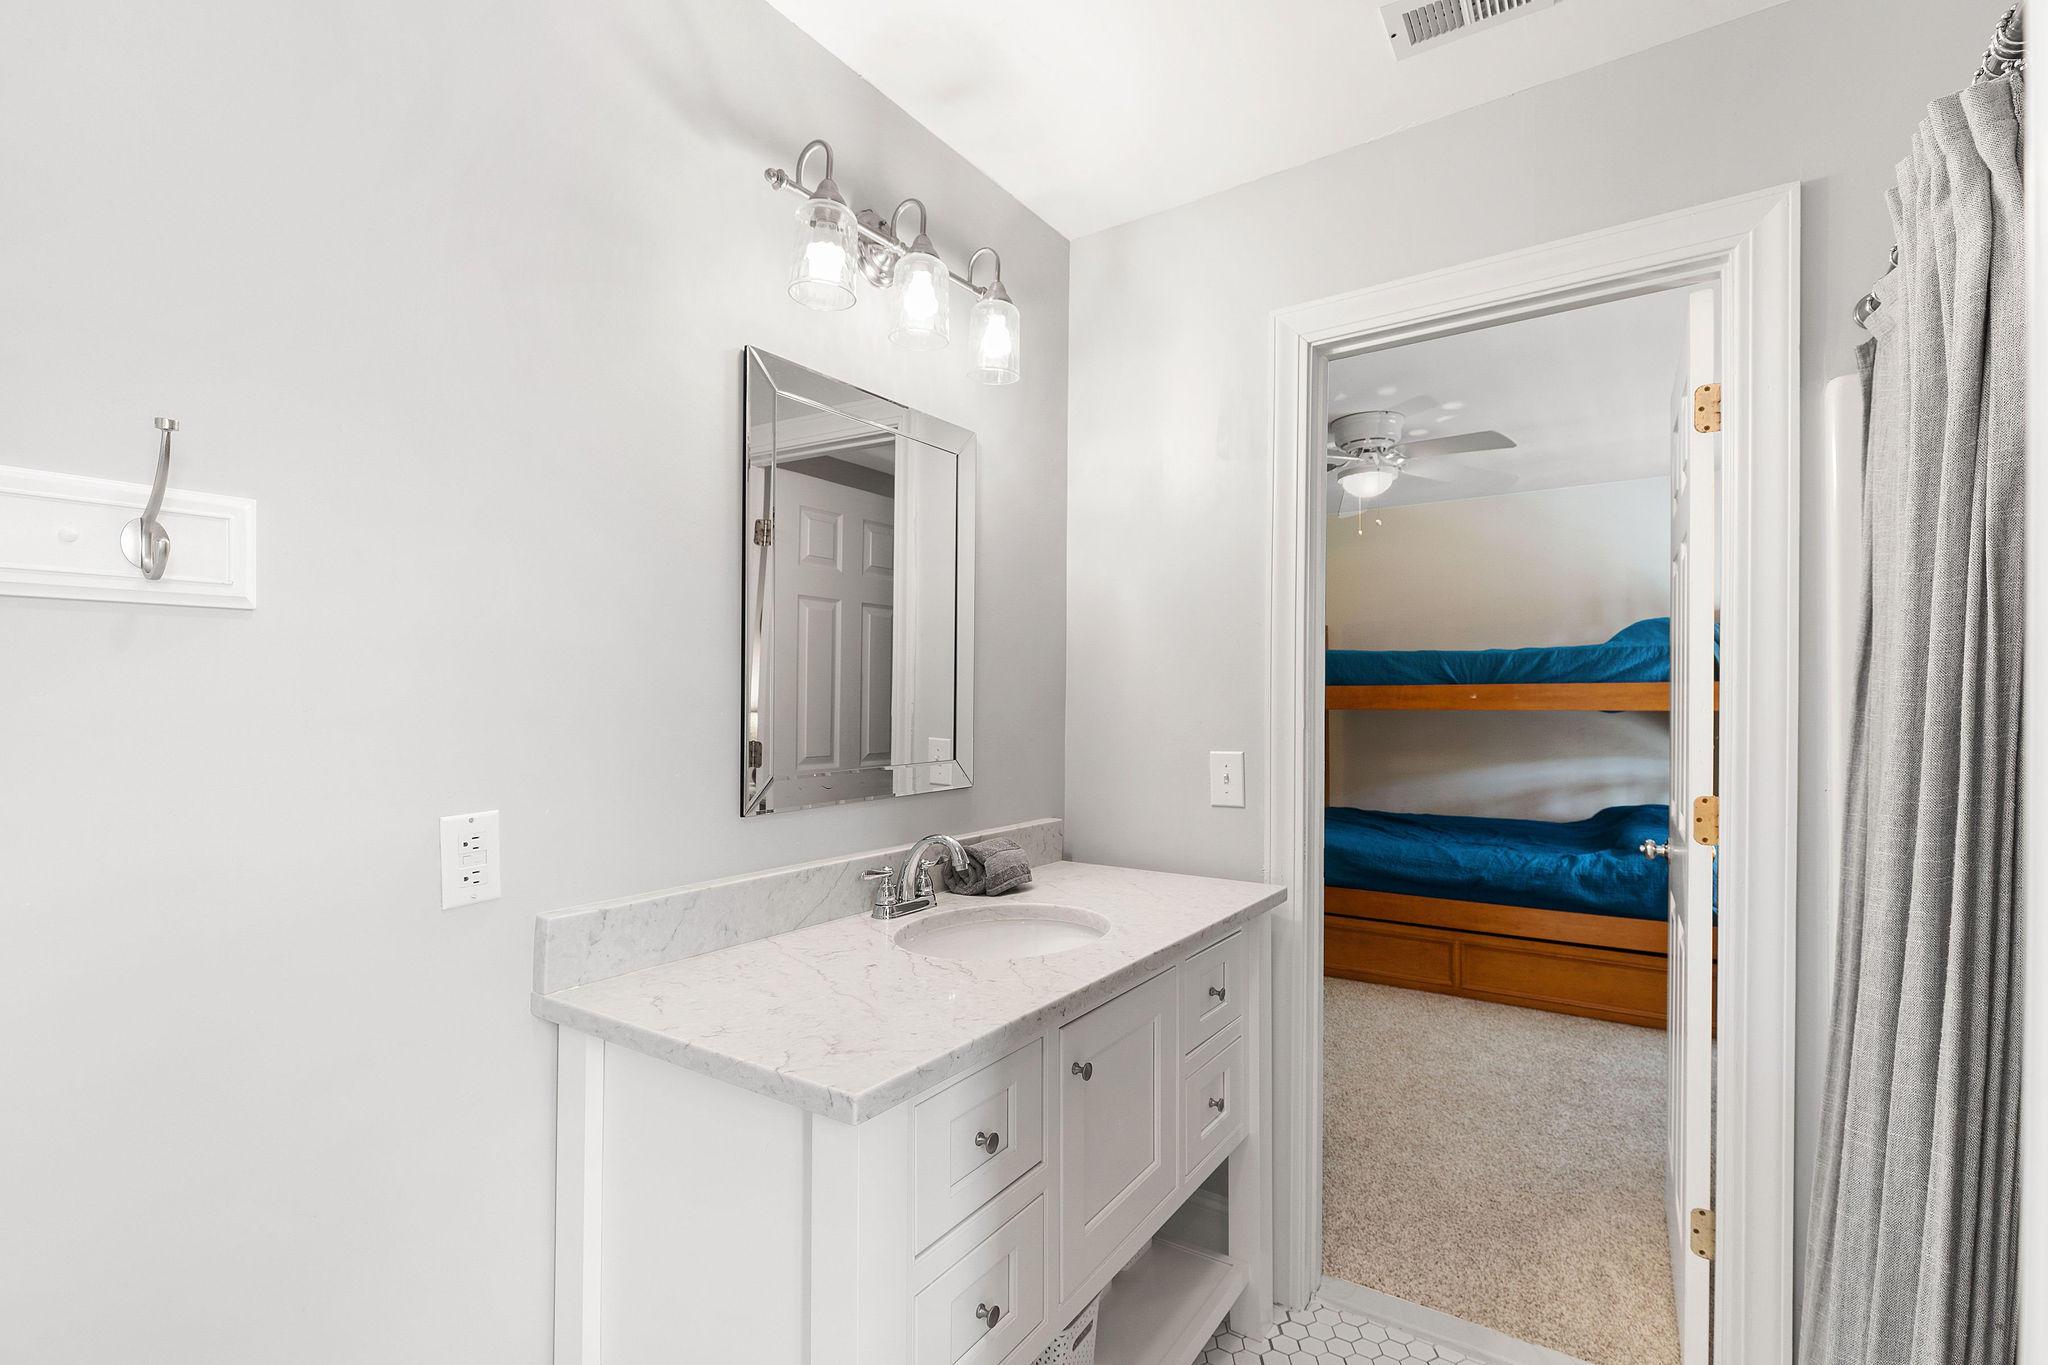 Dunes West Homes For Sale - 3201 Cottonfield, Mount Pleasant, SC - 8